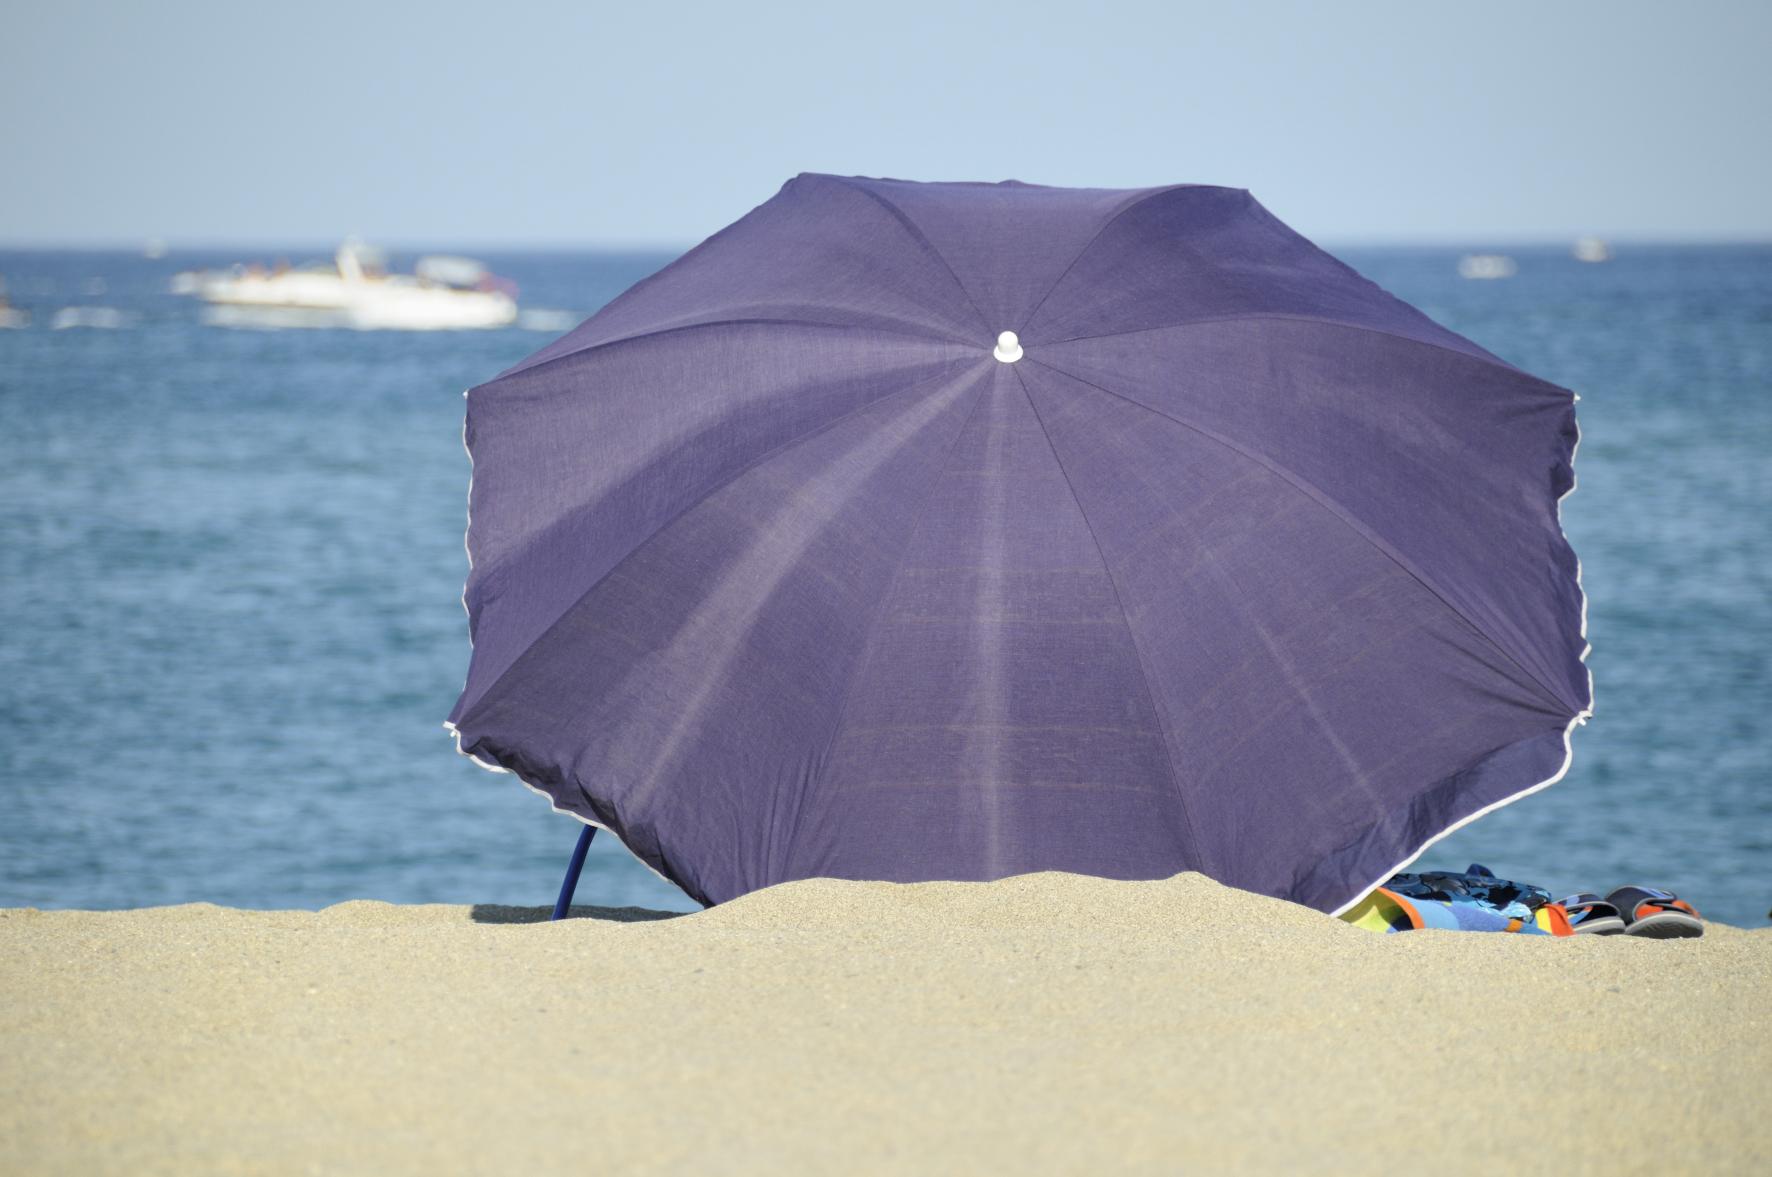 pin le parasol de plage coast de easy camp prot ge du soleil du vent ou on pinterest. Black Bedroom Furniture Sets. Home Design Ideas